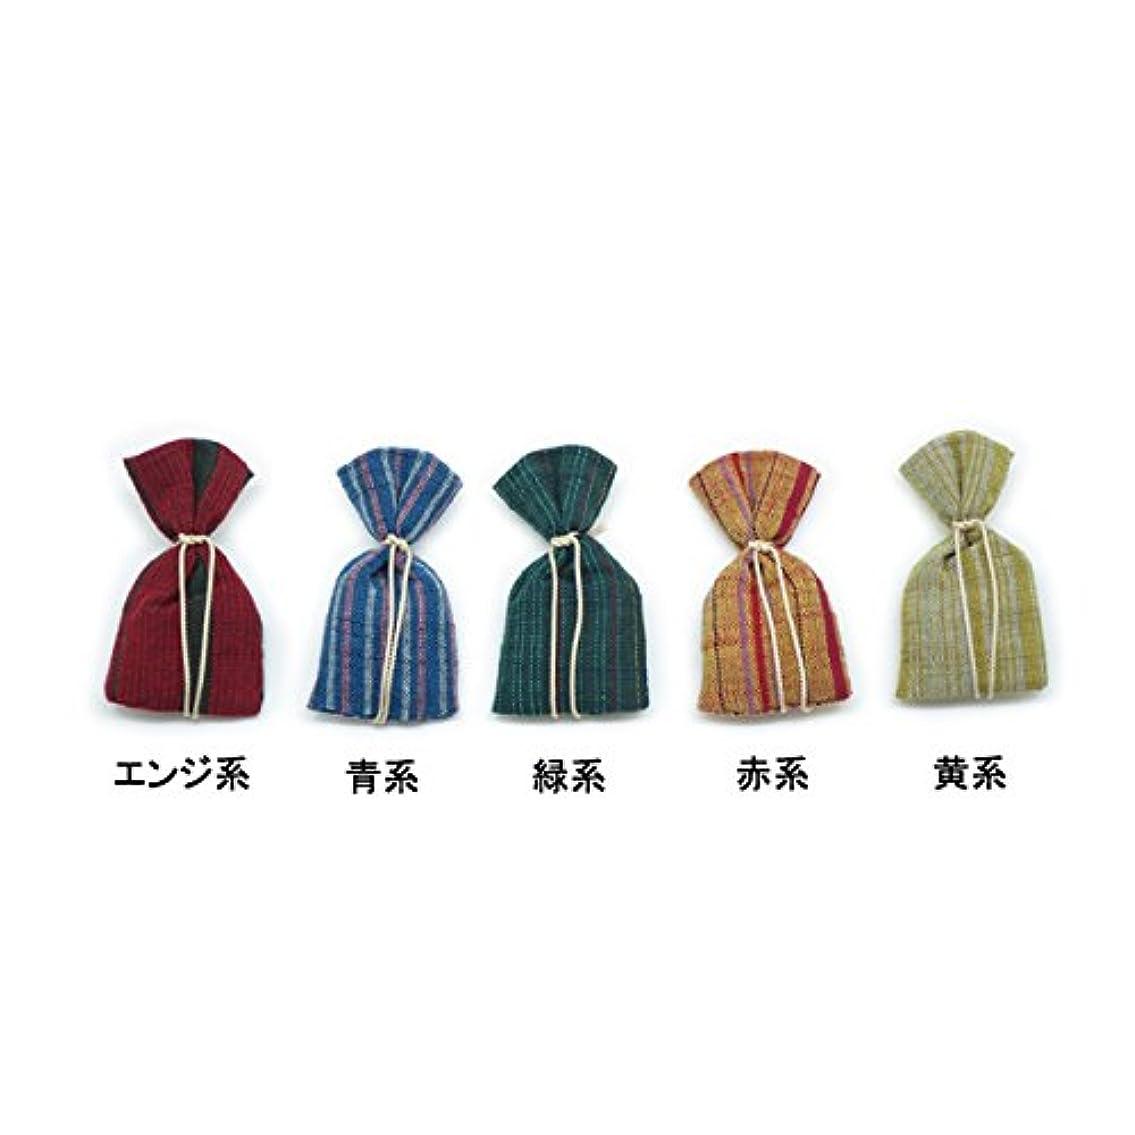 懐疑的競争力のある複雑な匂袋 会津木綿巾着 (青系)